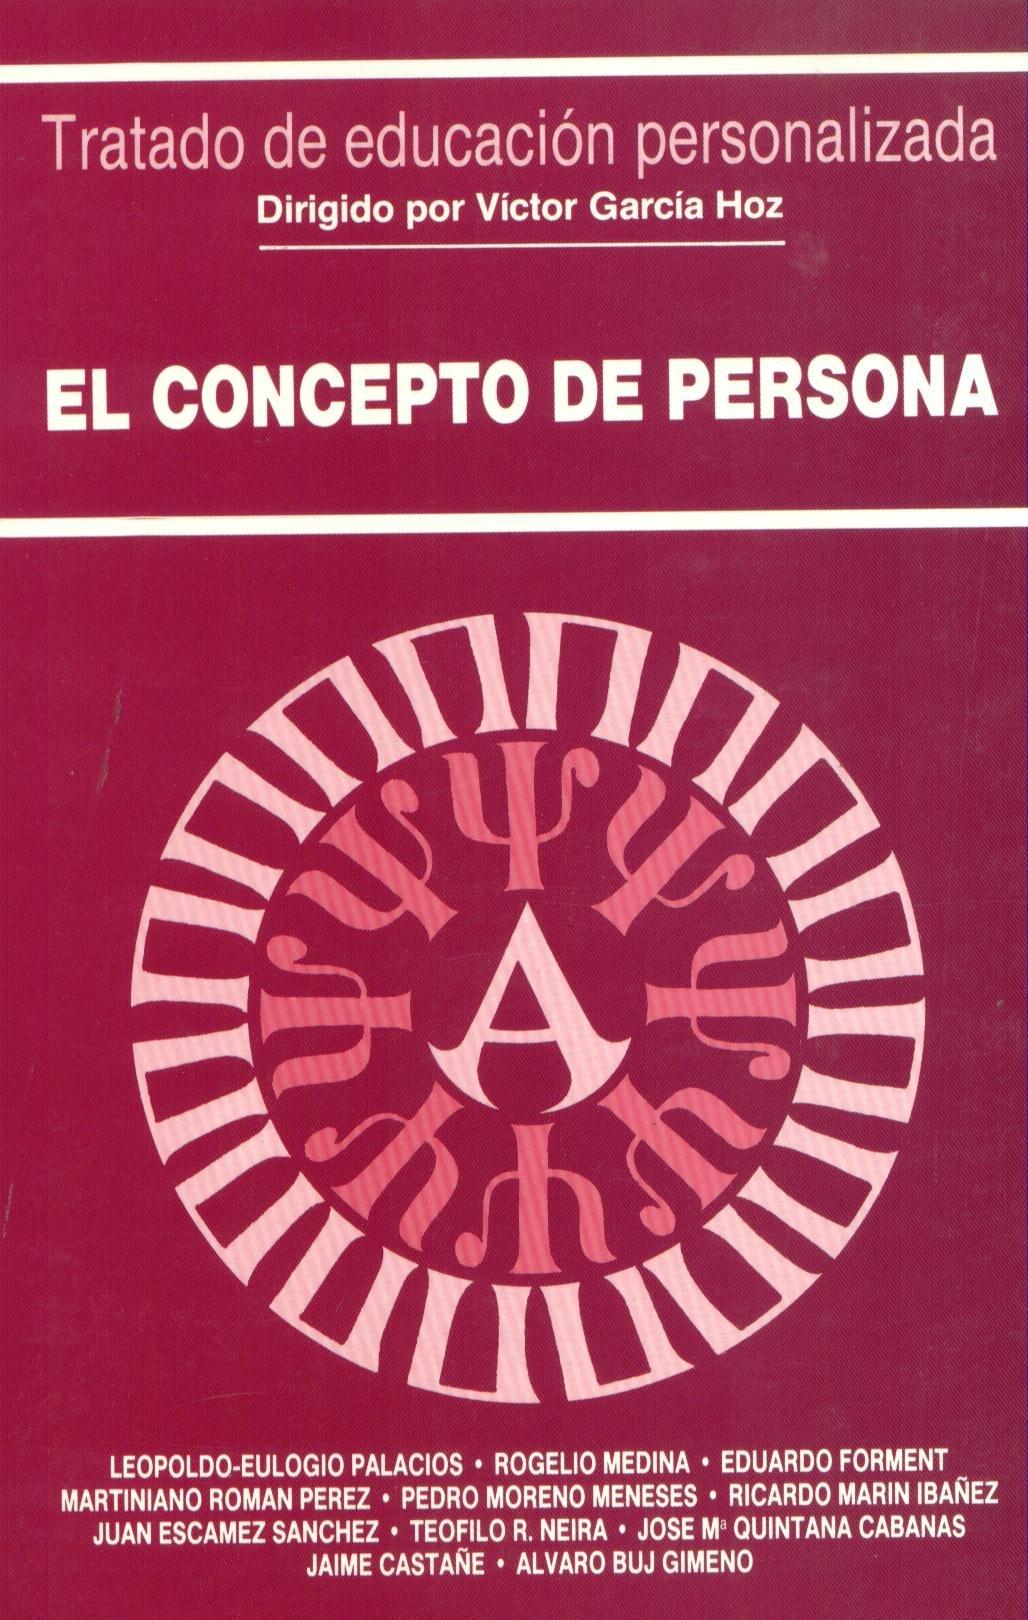 El concepto de persona (Educación y Pedagogía): Amazon.es: Rogelio Medina: Libros